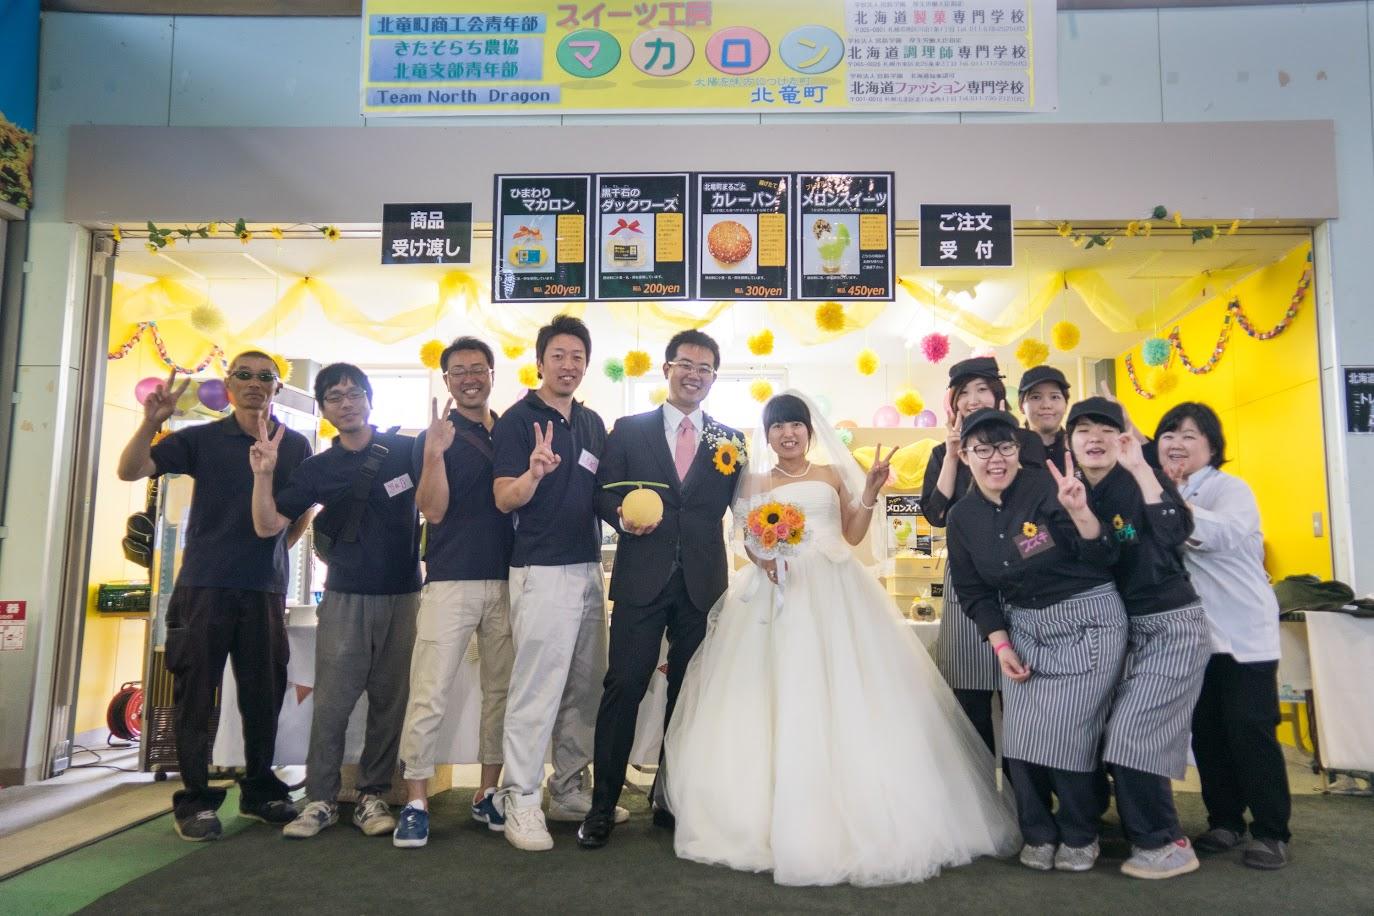 黄美香メロンの生産者・渡邊隼斗さん&鳥潟美香さん、チームノースドラゴン、宮島学園の先生・生徒の皆さん